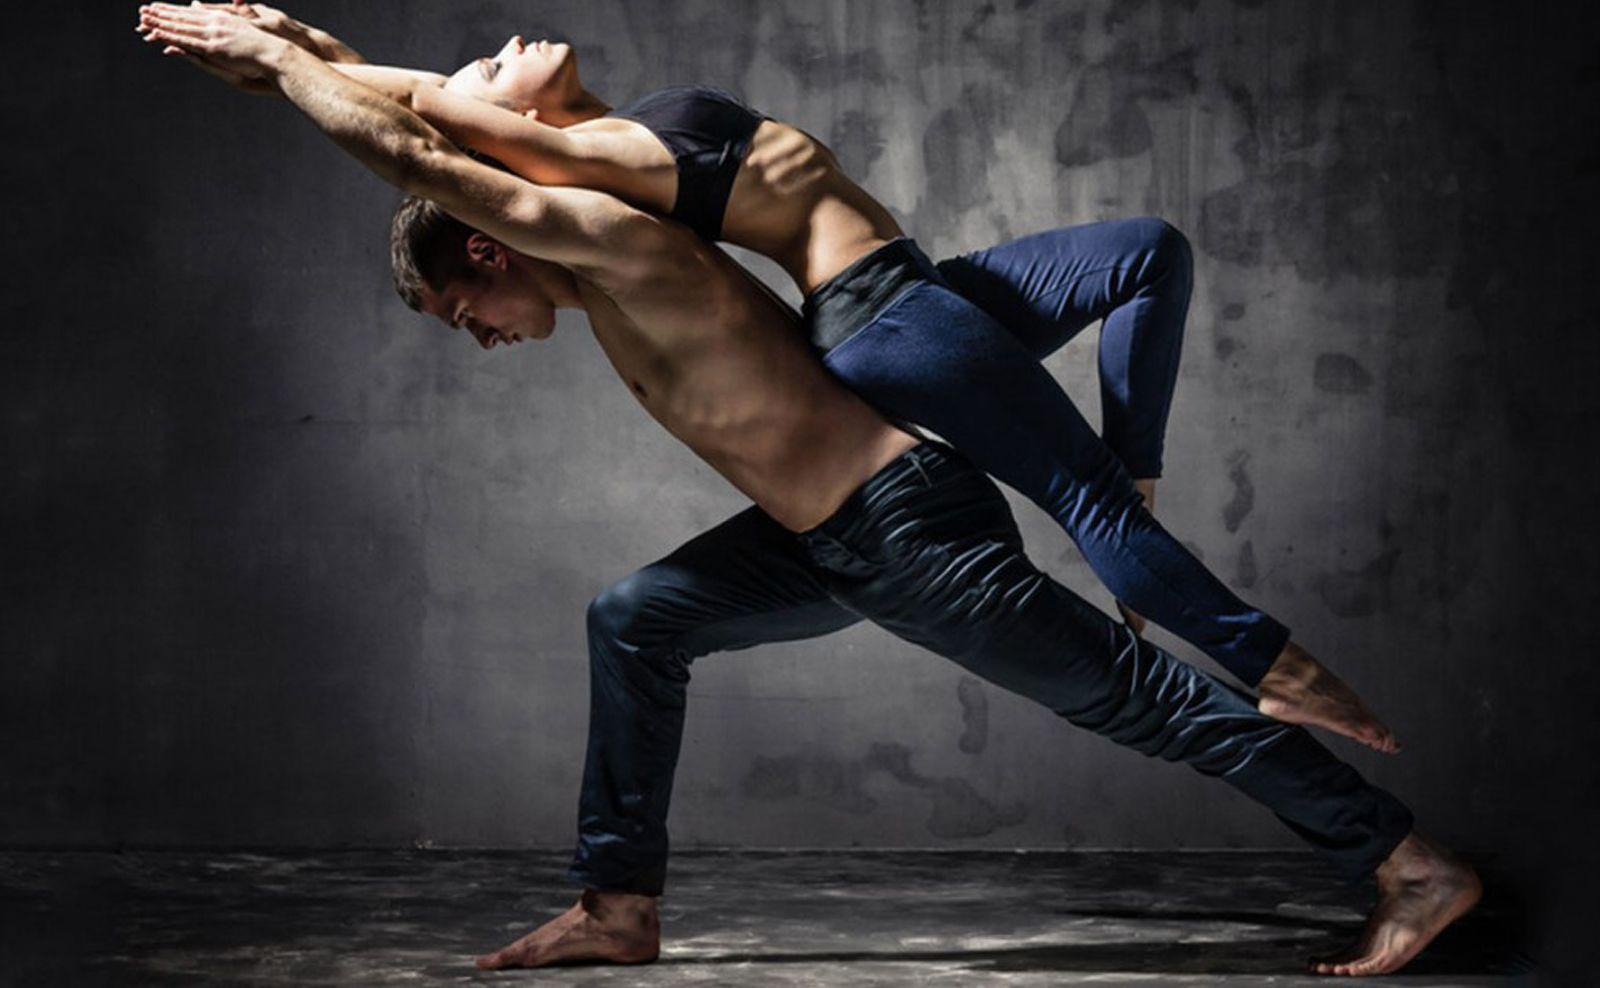 Gioco danza, danza propedeutica, danza moderna, danza contemporanea, danza classica, hip hop, imperia, wellness evolution, palestra di danza